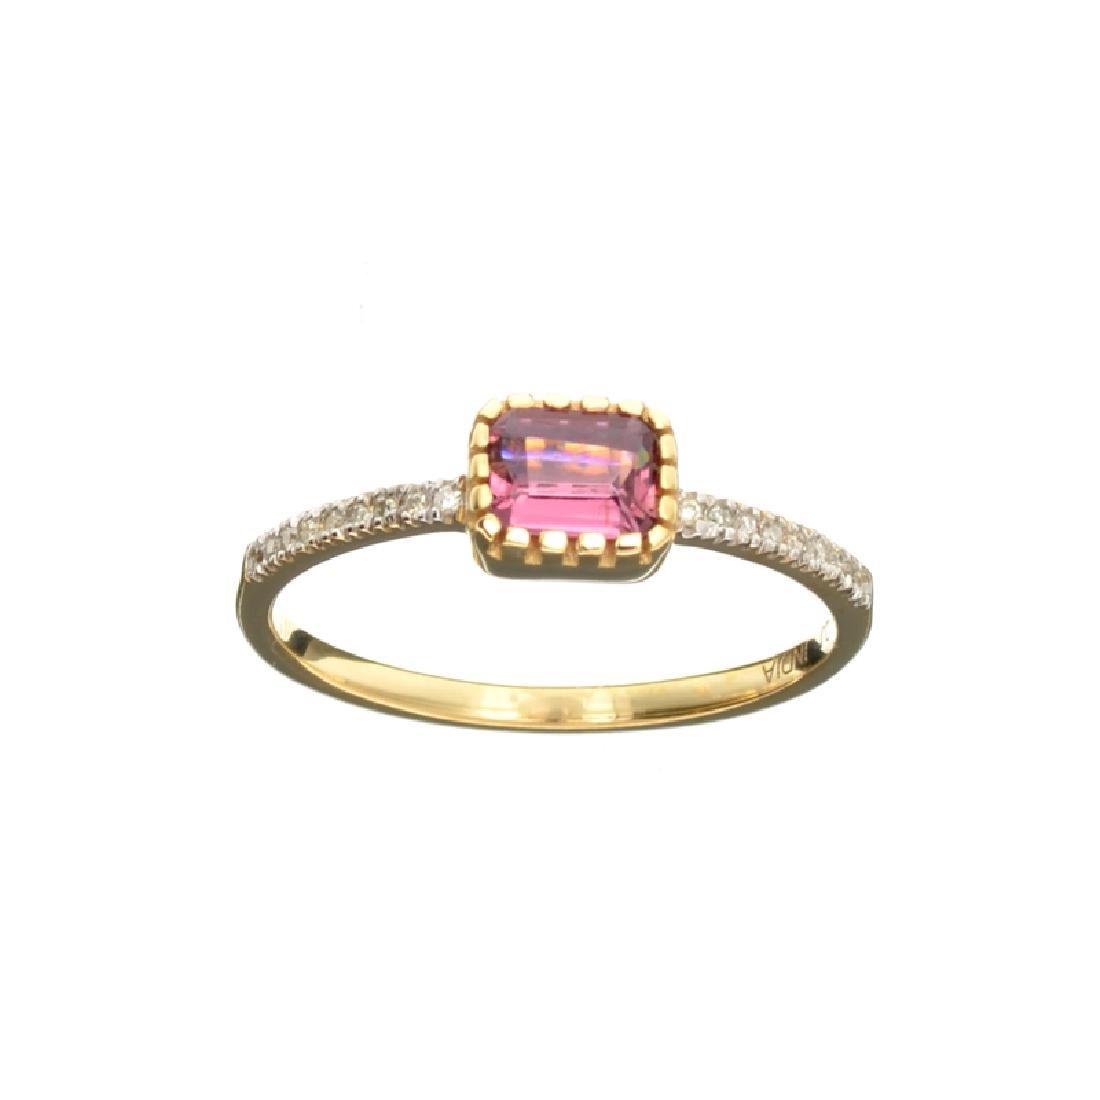 APP: 0.8k Fine Jewelry Designer Sebastian 14KT Gold,